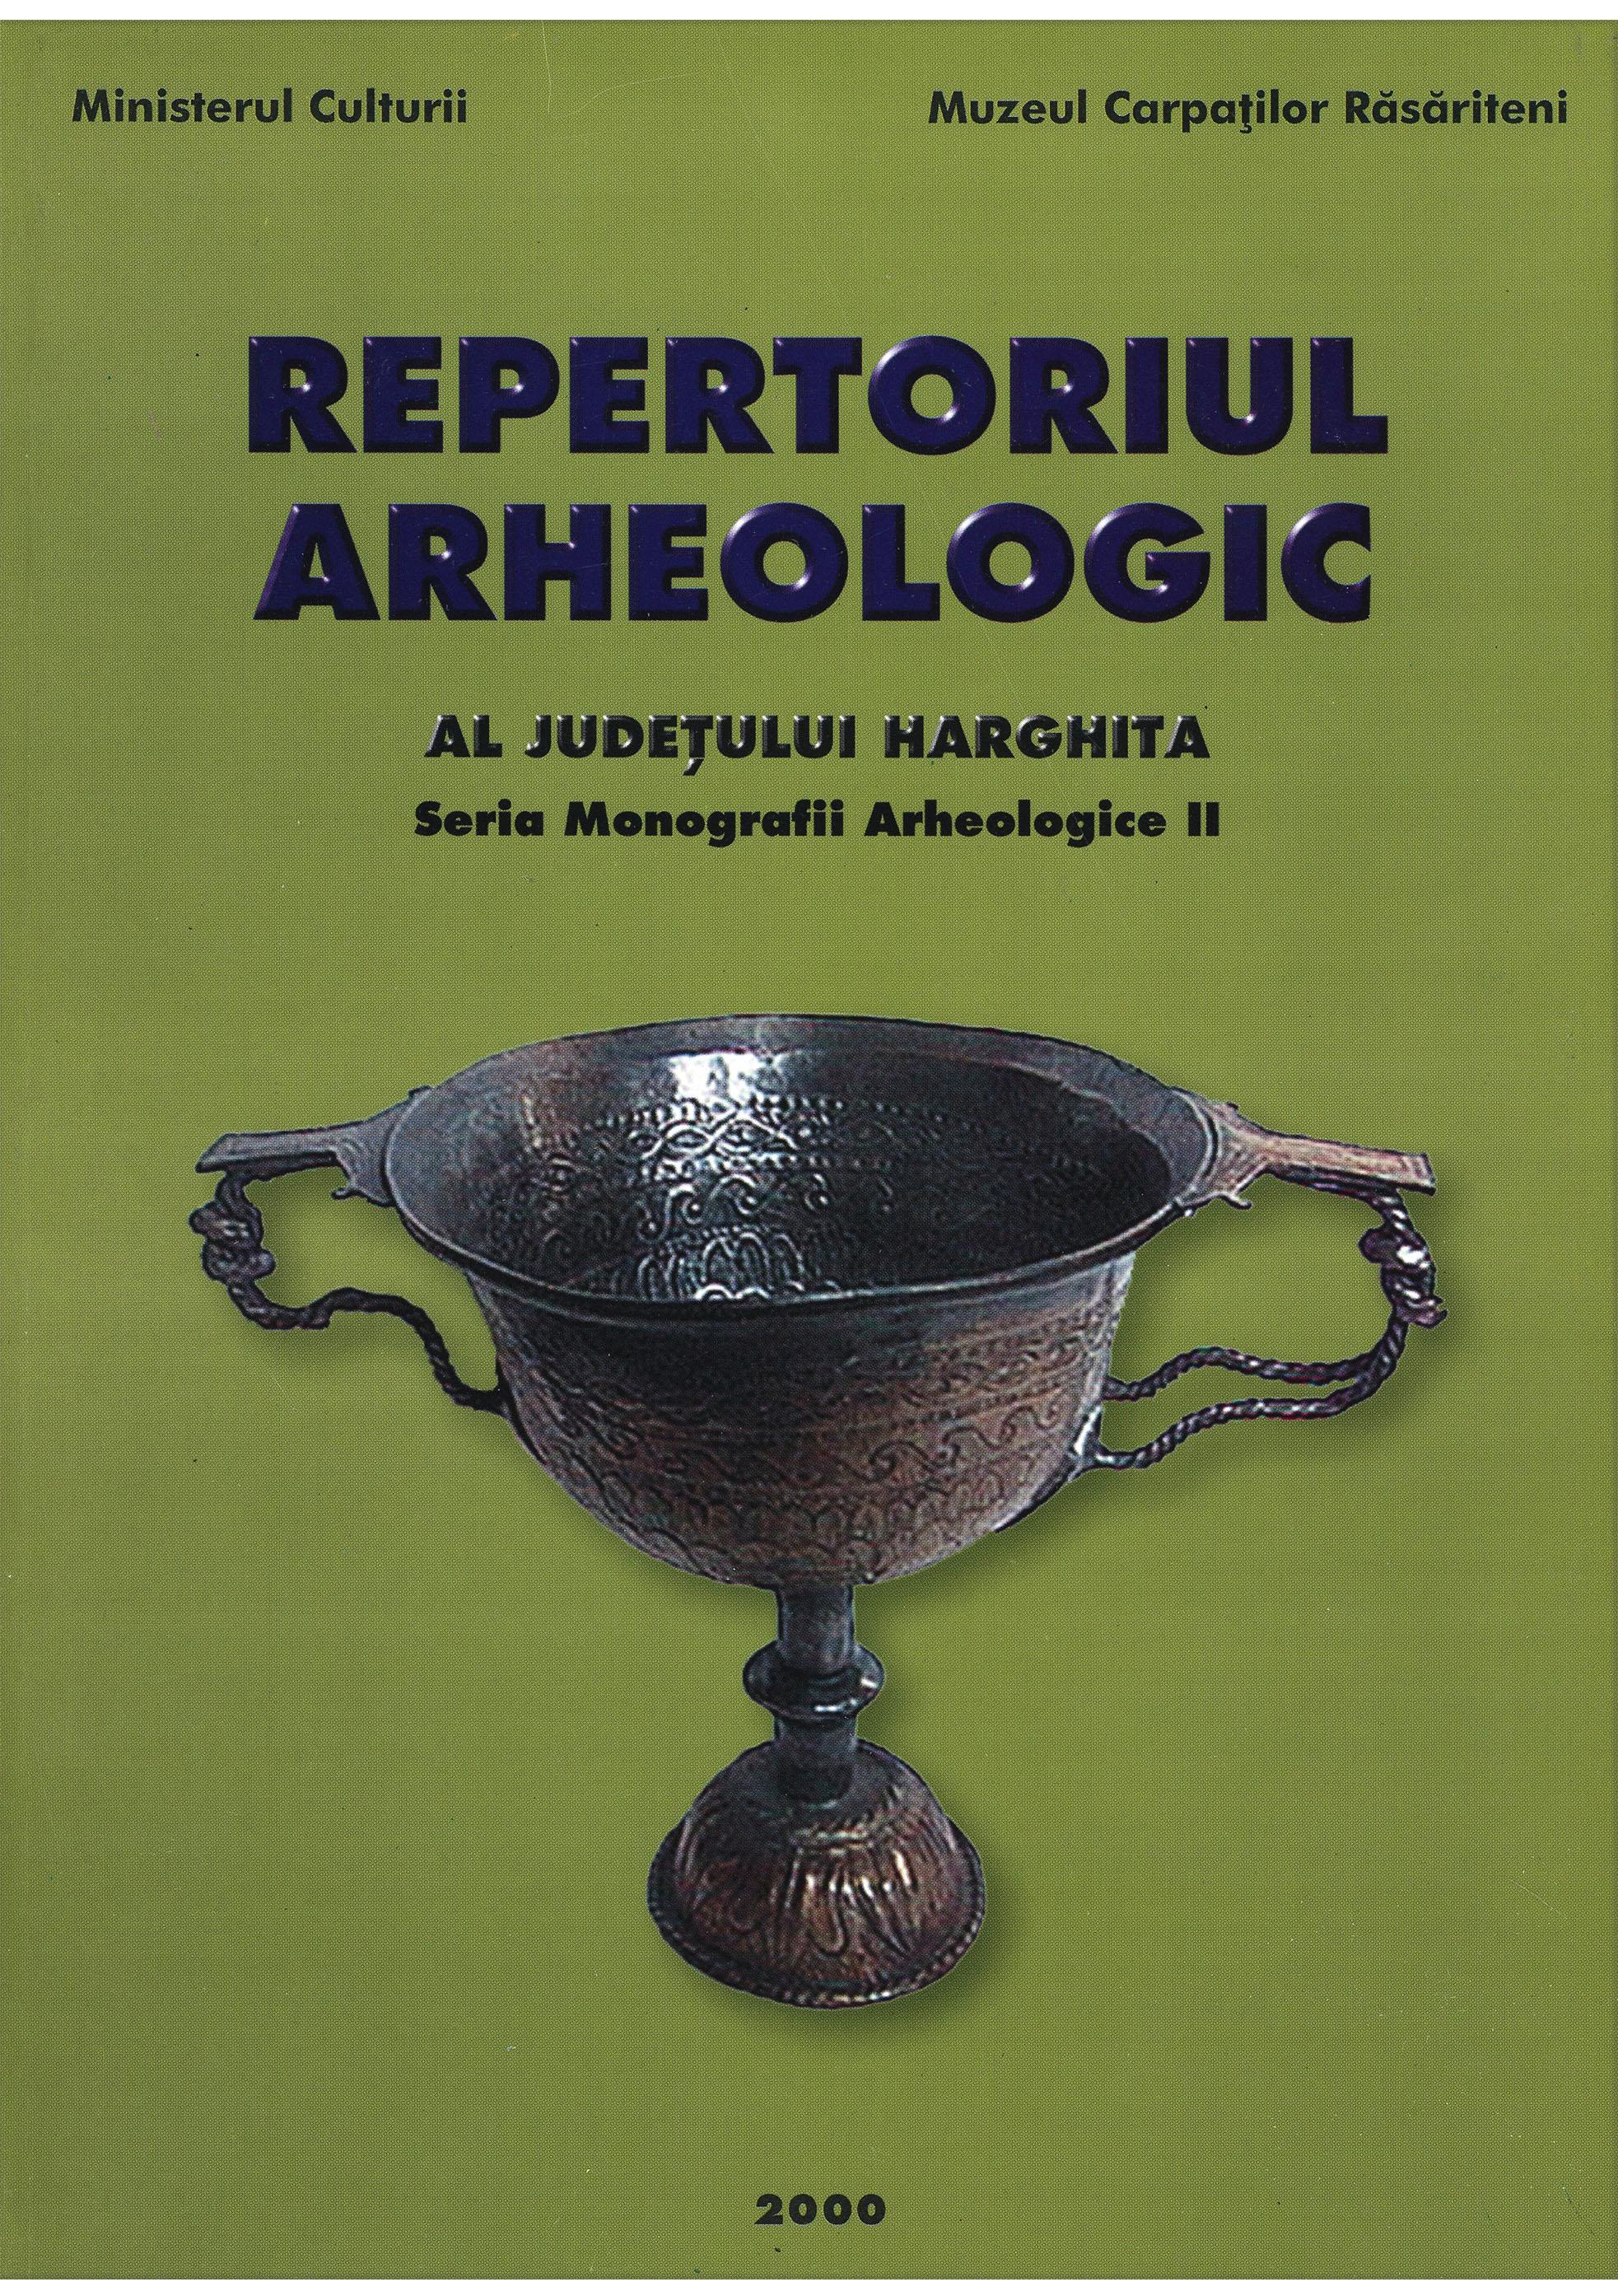 mnir_COP__0082_2000_Repertoriul-arheologic-Harghita_396pag